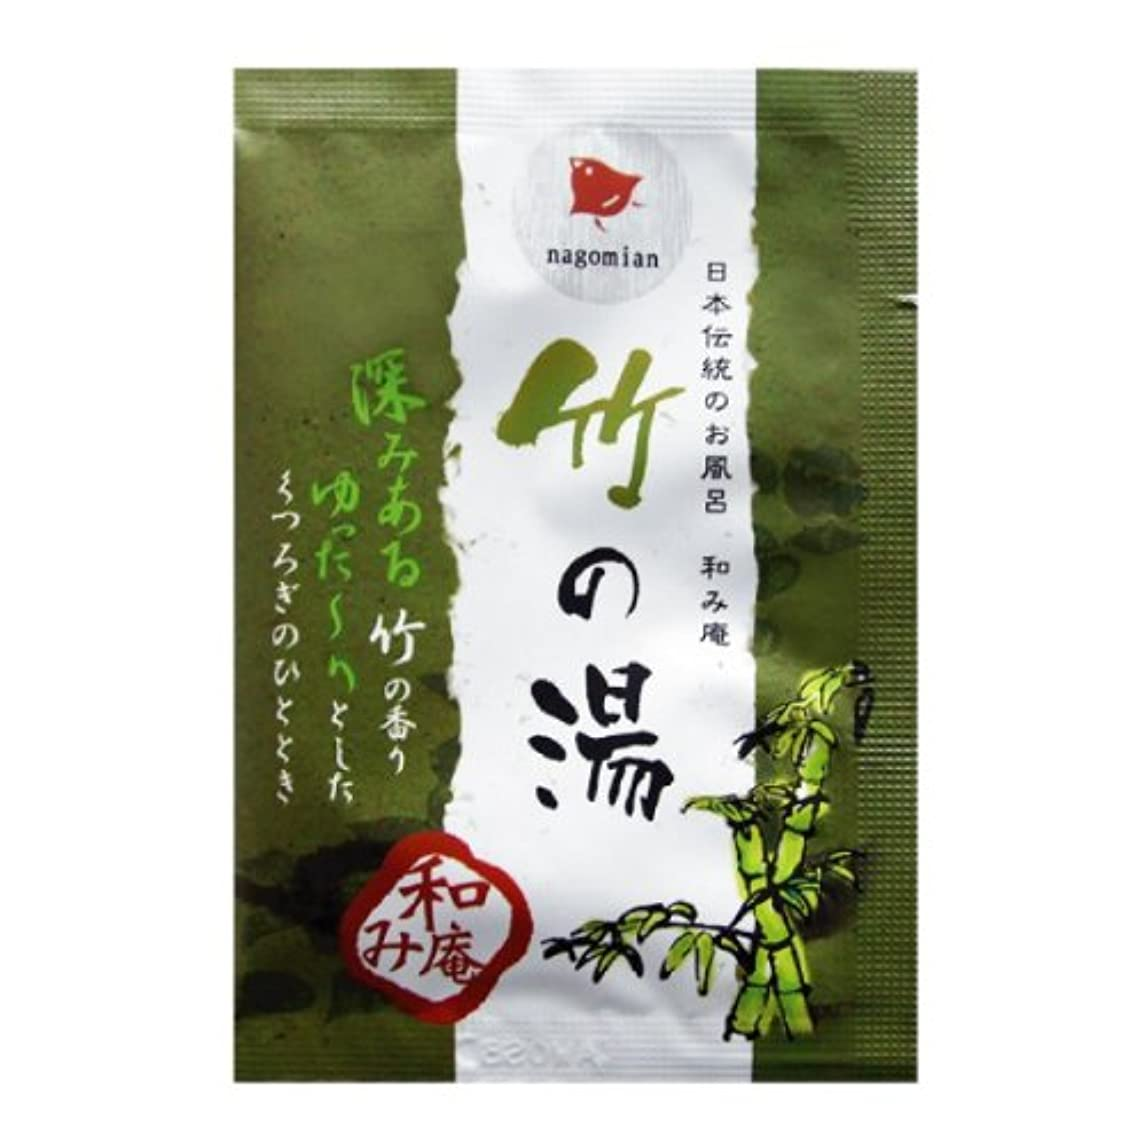 保有者マウンド作動する日本伝統のお風呂 和み庵 竹の湯 200包